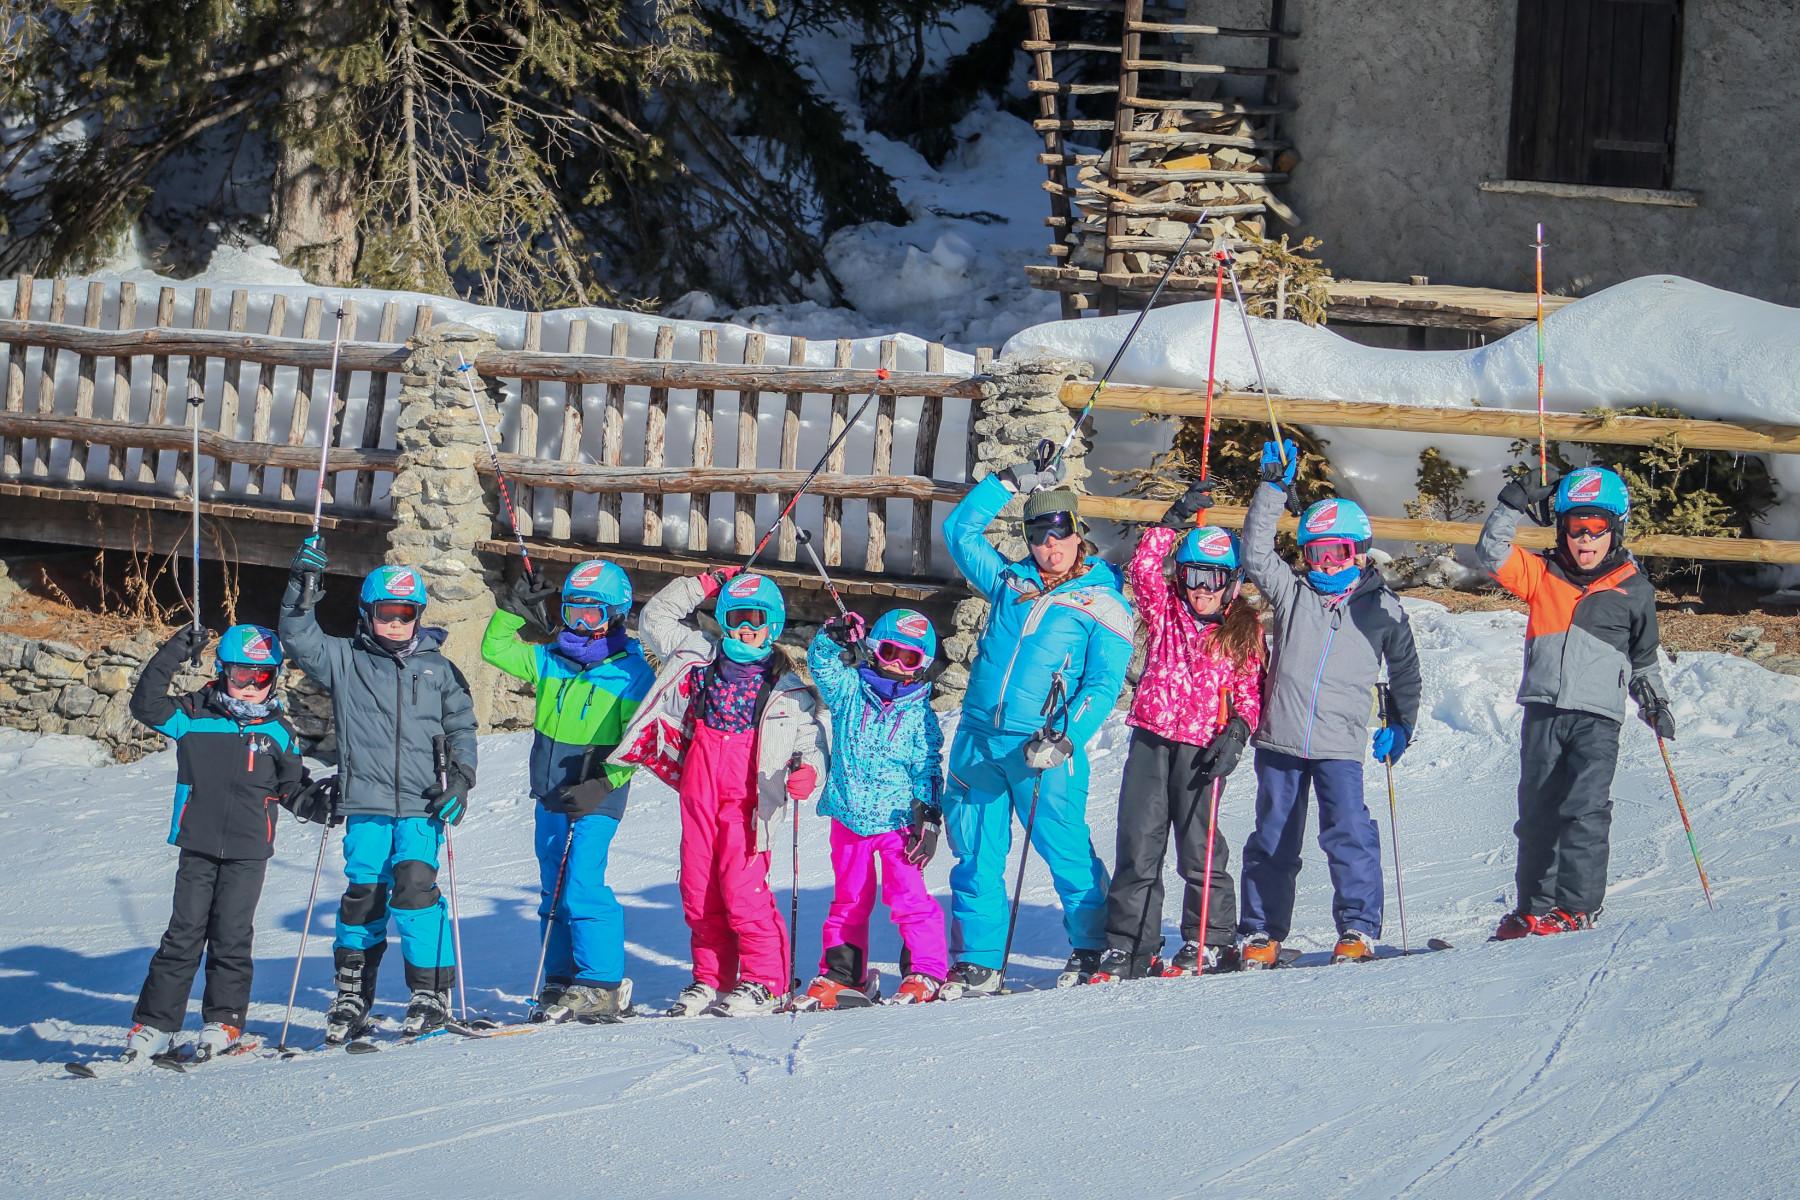 Corso collettivo di sci per bambini a Sauze d'Oulx